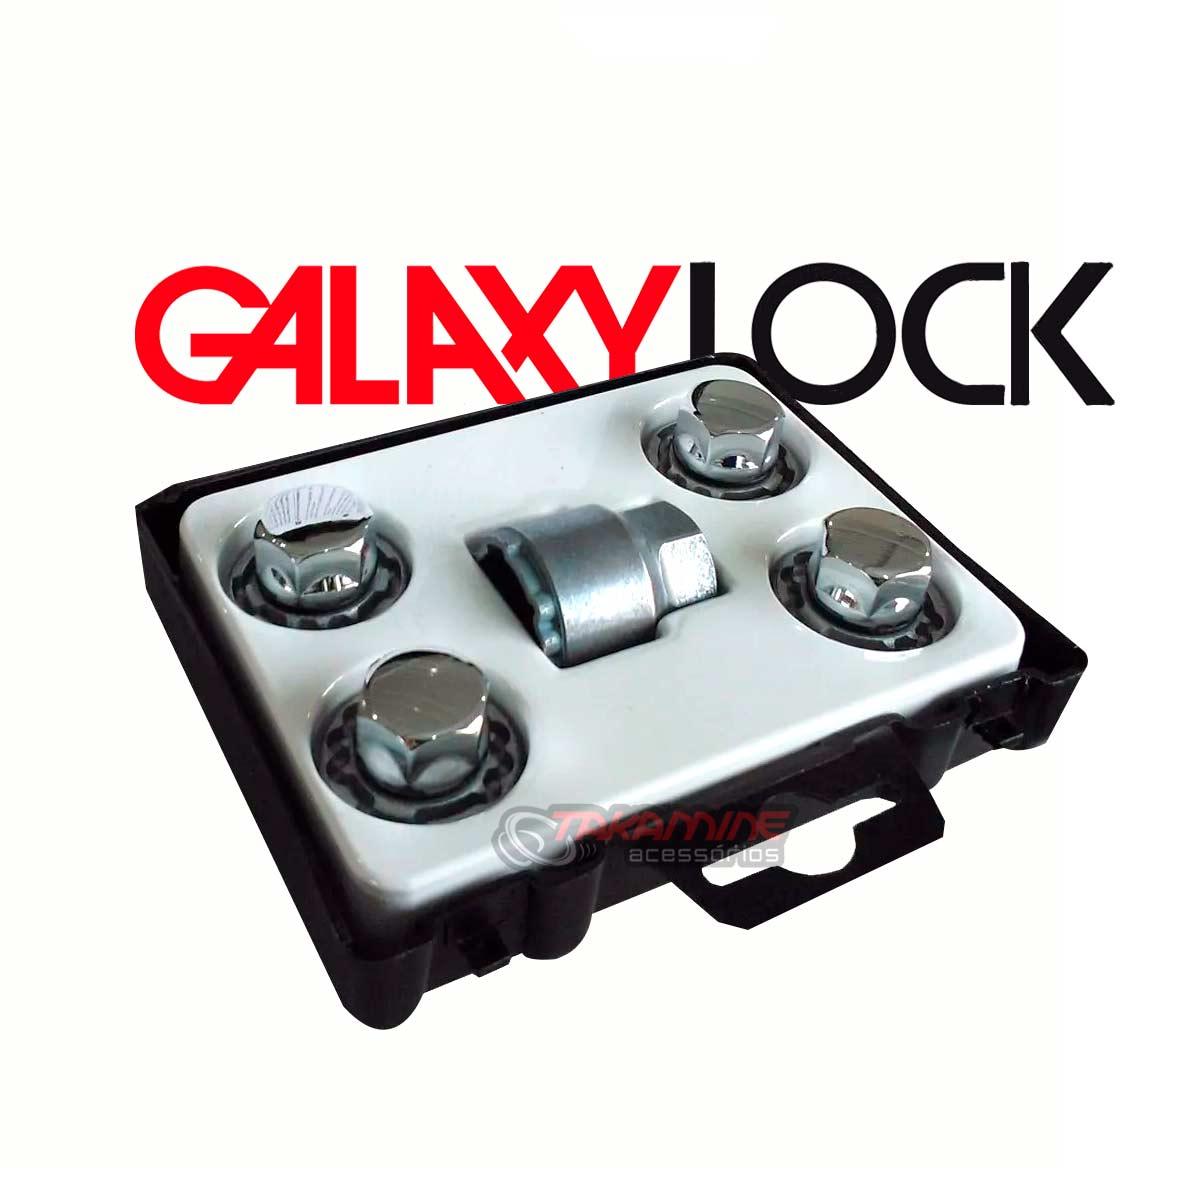 Porca antifurto para rodas Galaxy Lock Captiva 2019 até 2020 H/M